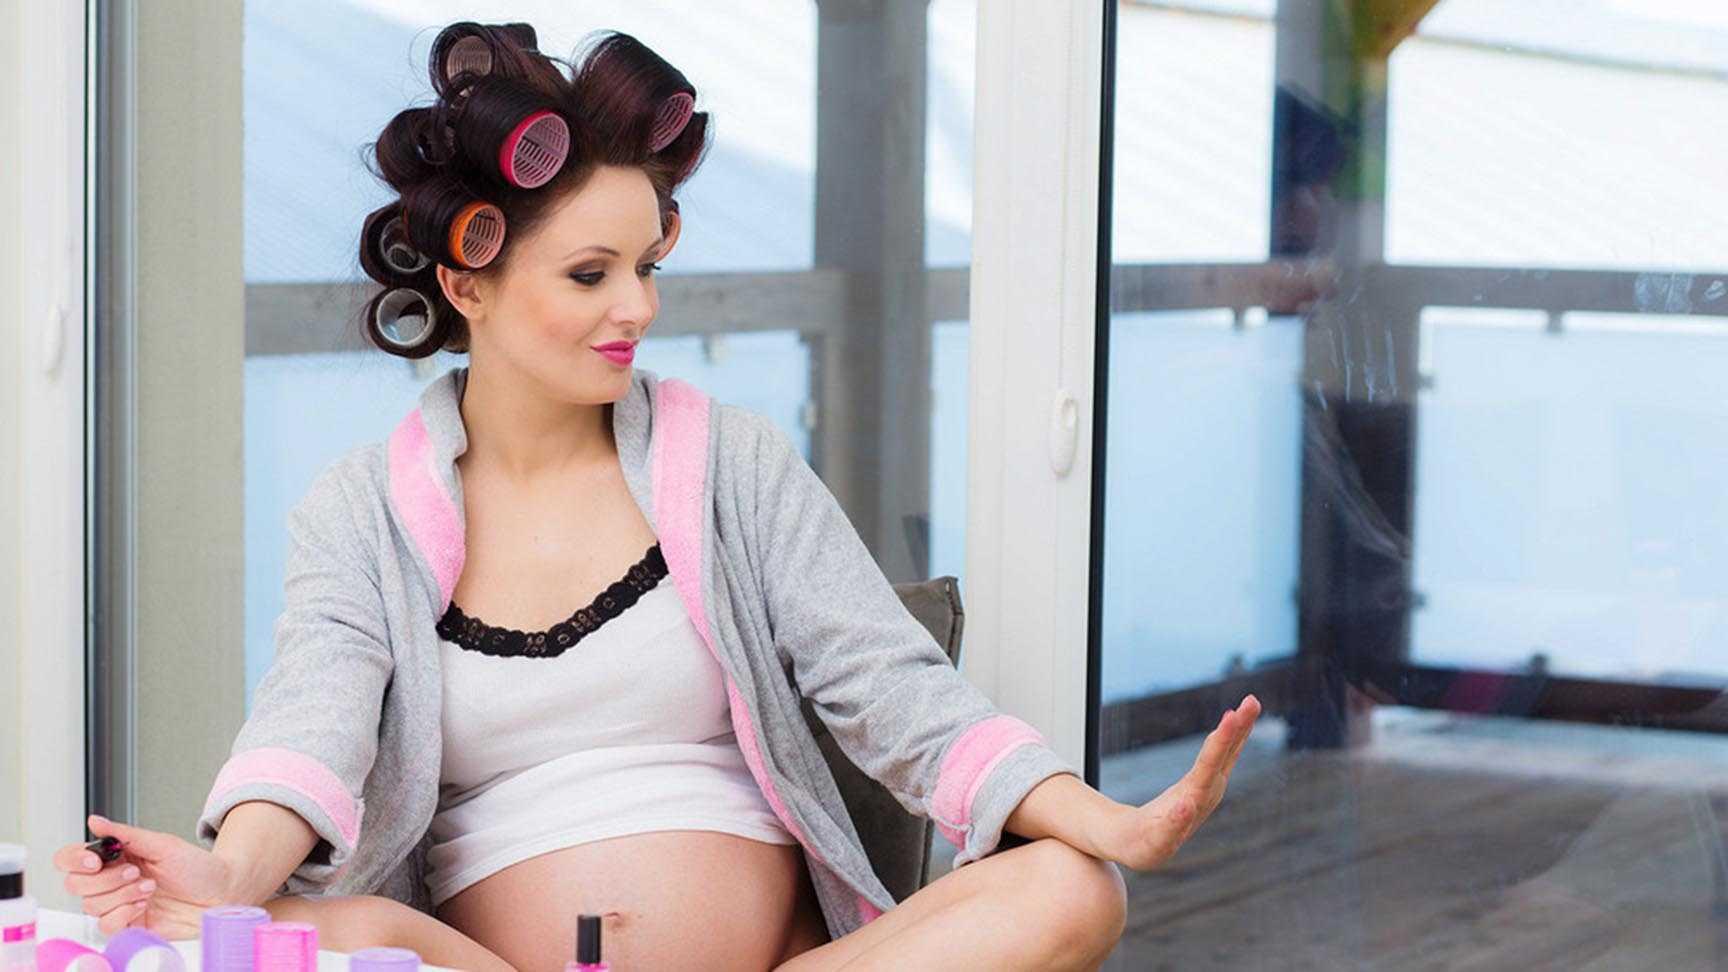 Почему беременным нельзя стричь волосы - достоверность народной приметы и мнение врачей